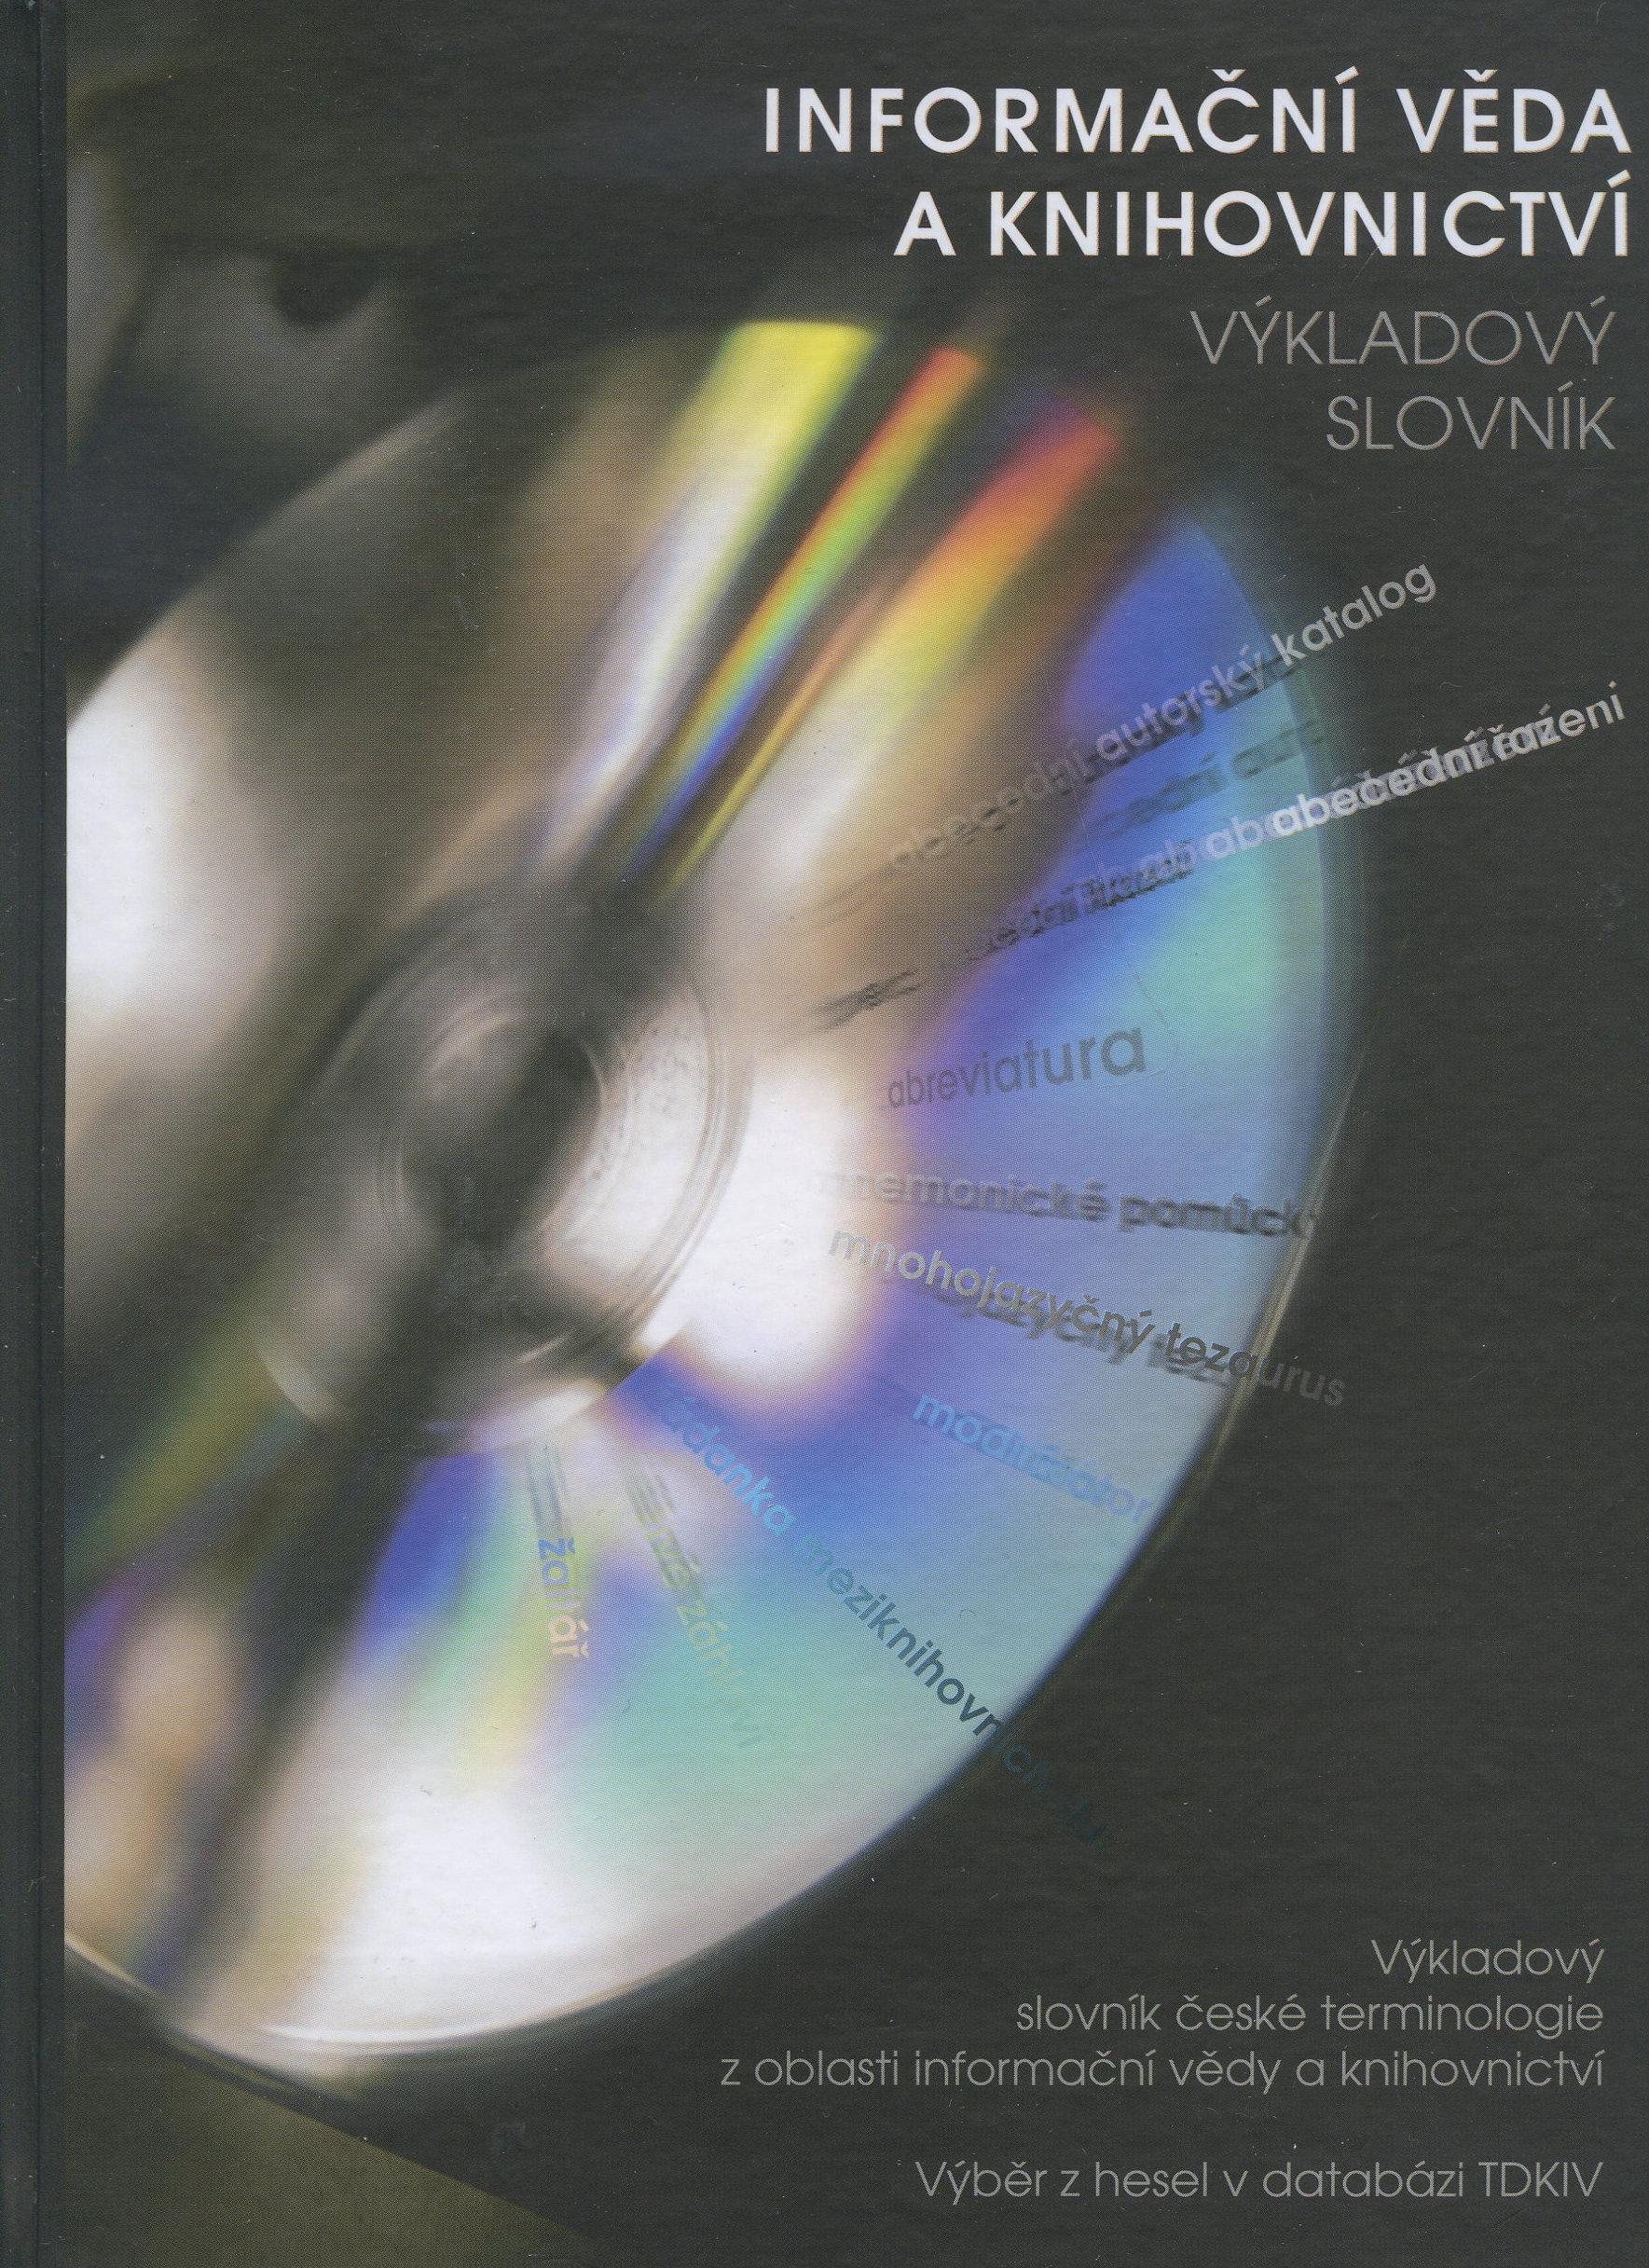 Informační věda a knihovnictví - Výkladový slovník české terminologie z oblasti informační vědy a knihovnictví. Výběr z hesel v databázi TDKIV